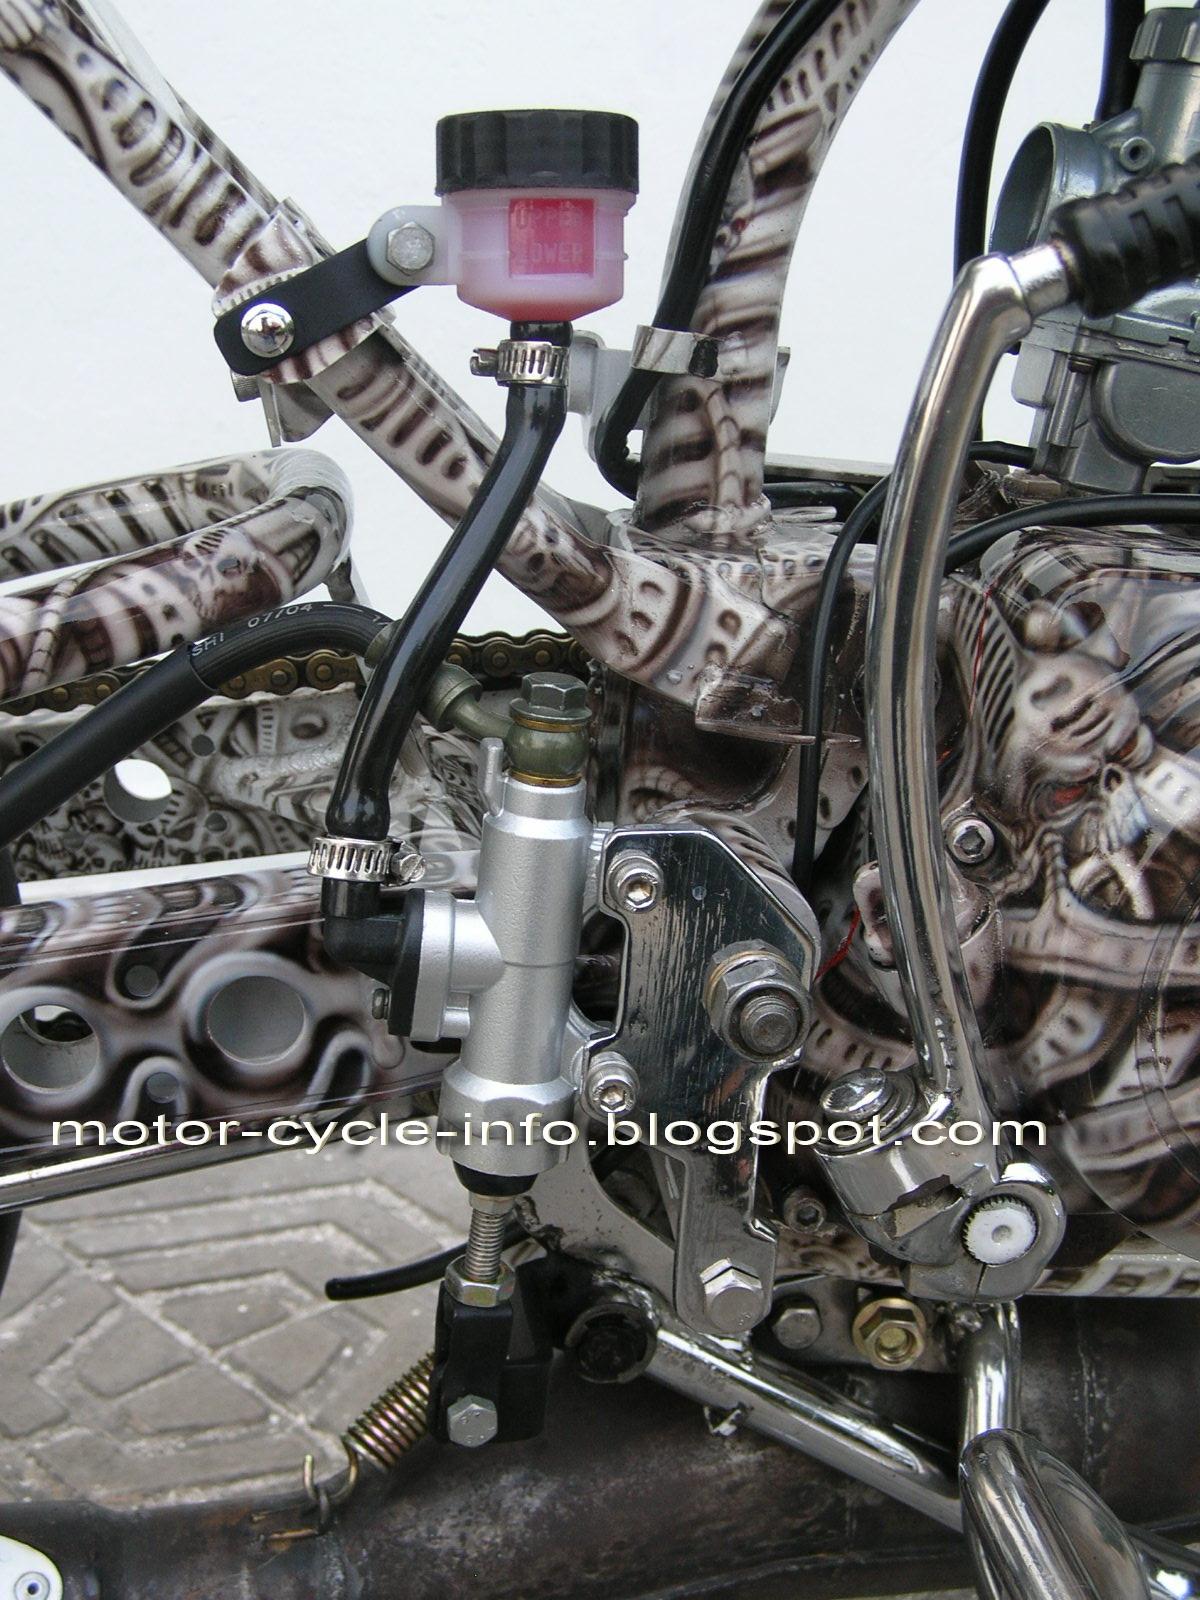 http://1.bp.blogspot.com/_mwzxyywxcGA/TFetSH27coI/AAAAAAAAA1E/t0Xm1OFbQDA/s1600/airbrush+mesin+rx+king+desain.jpg